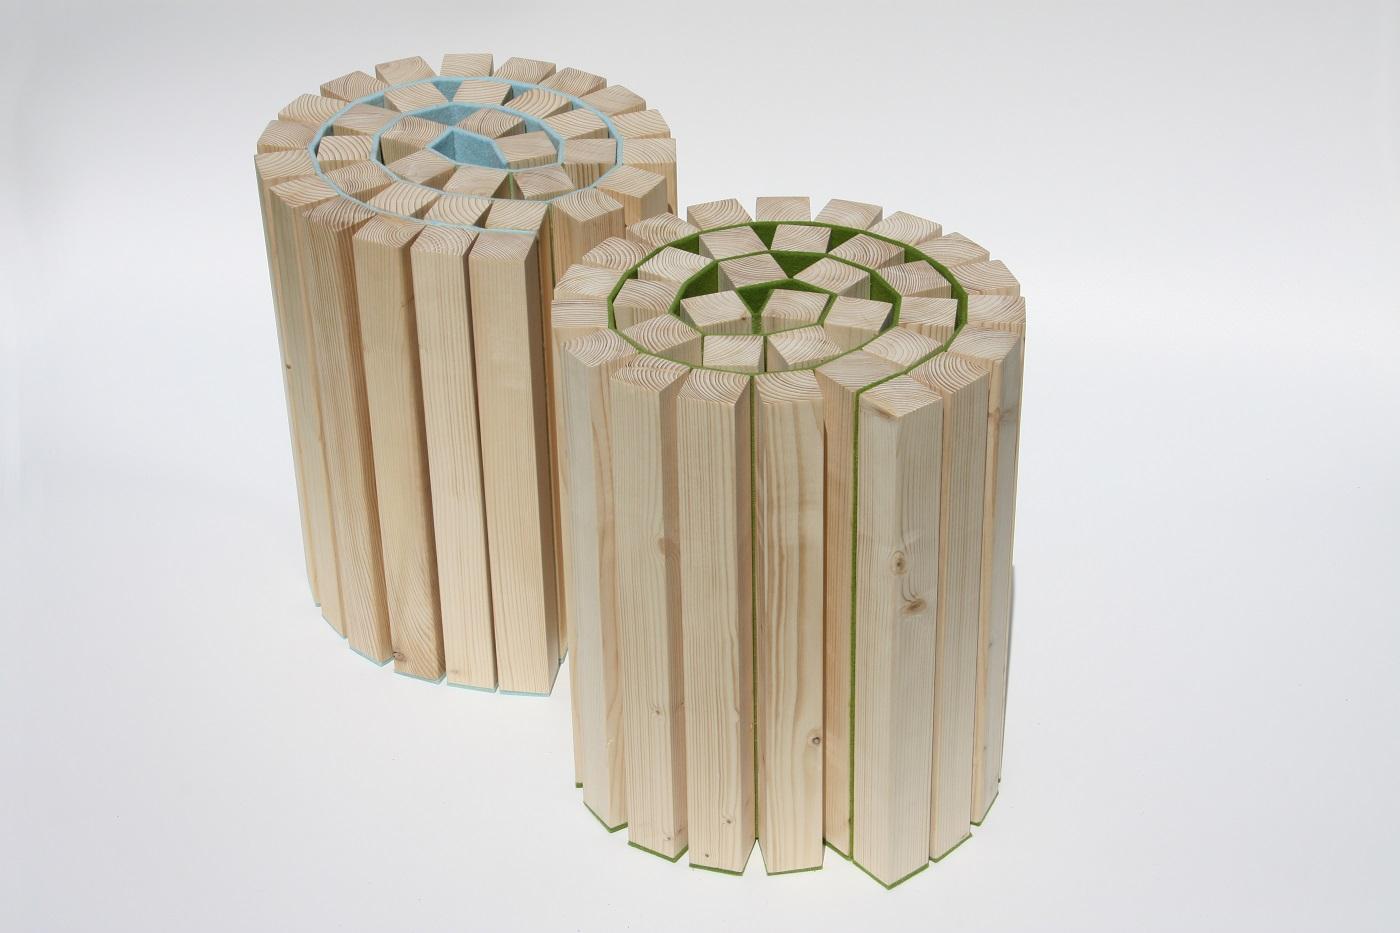 Taboeretka krukje van Kuiken Design kan ook als bijzettafel of voetenbankje